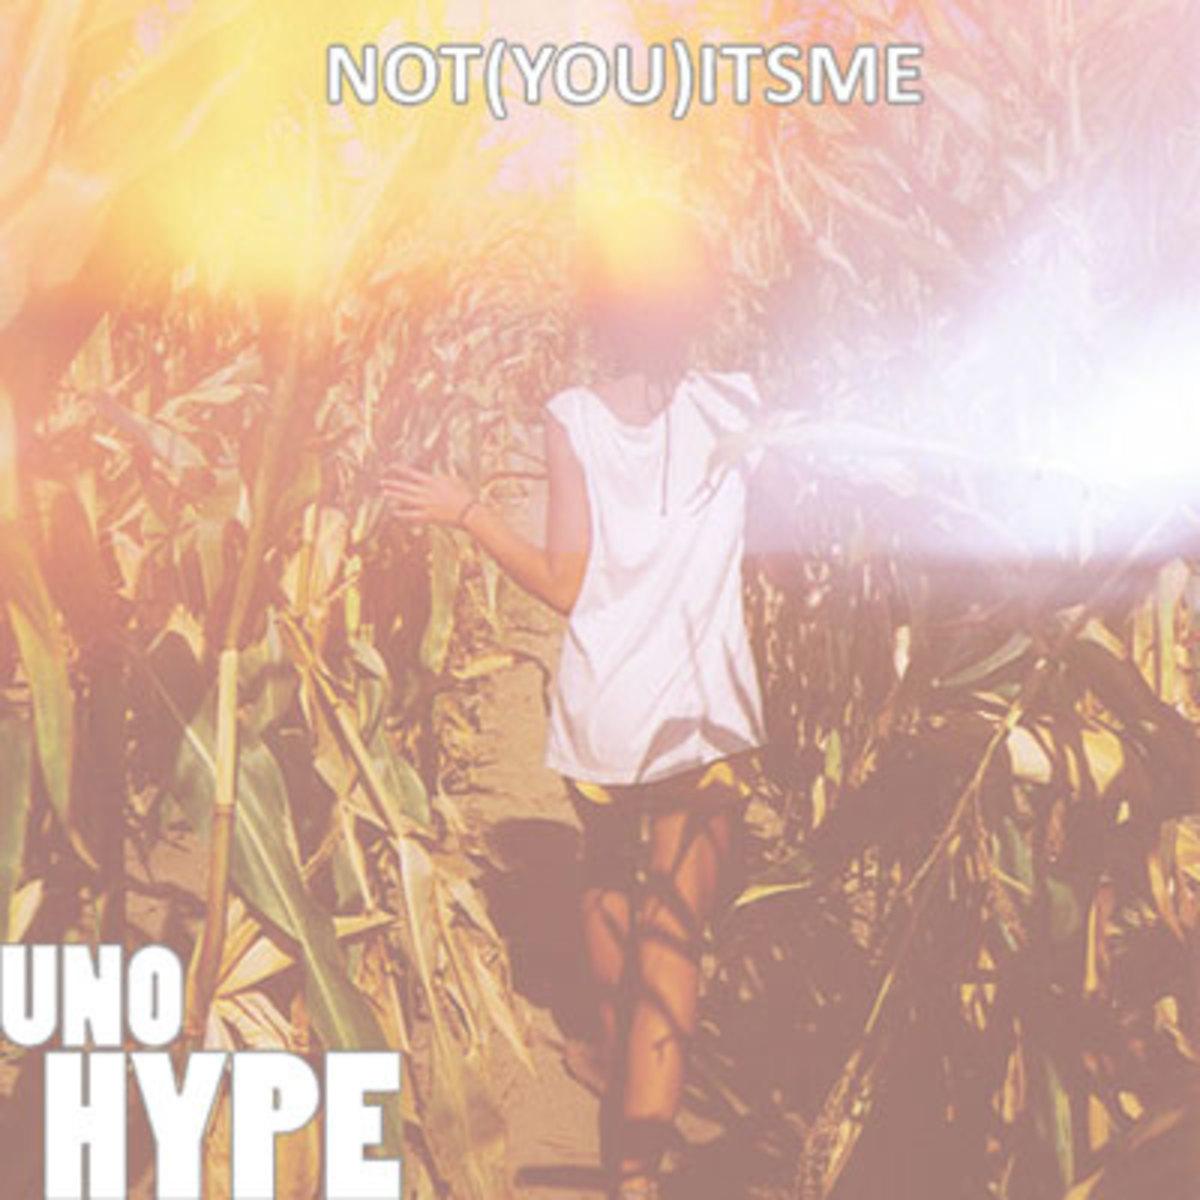 unohype-notyouitsme.jpg